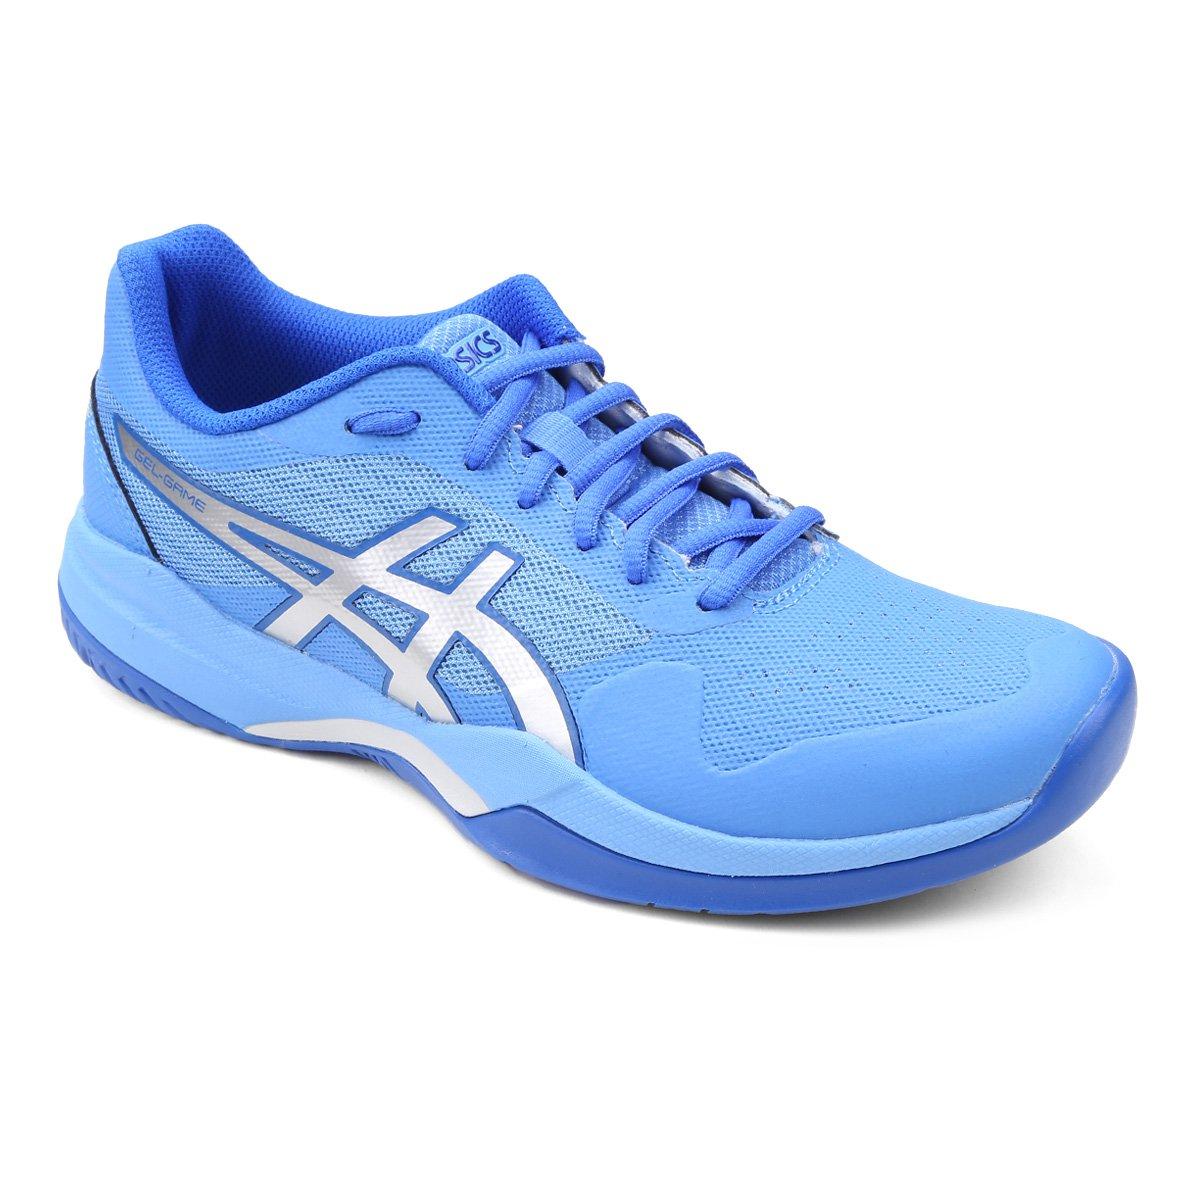 1f3ba93585 Tênis Asics Gel-Game 7 Feminino - Azul e Prata - Compre Agora